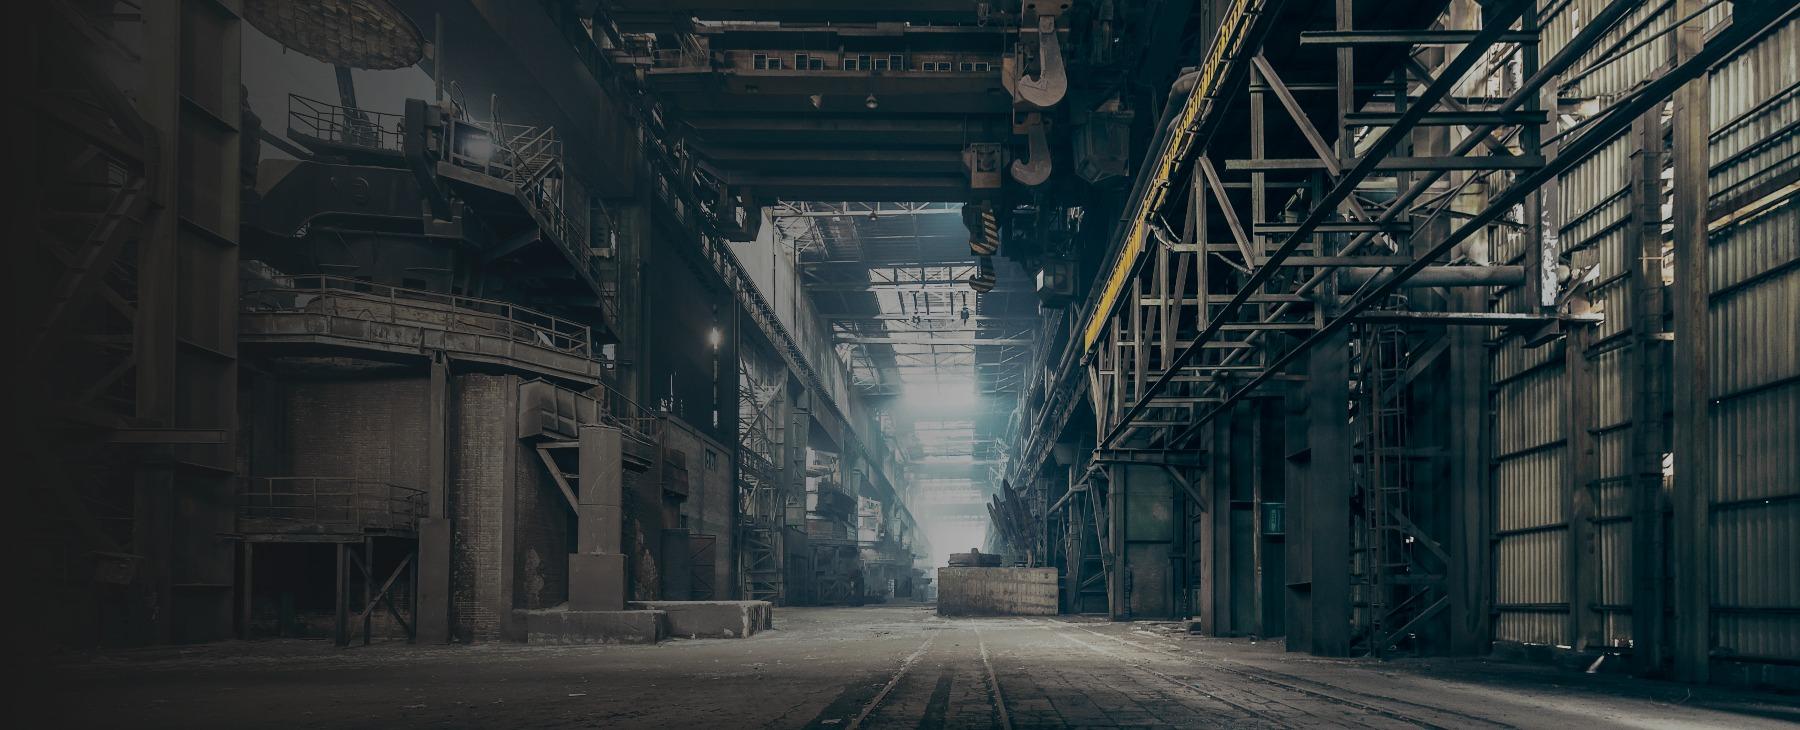 Werkshalle